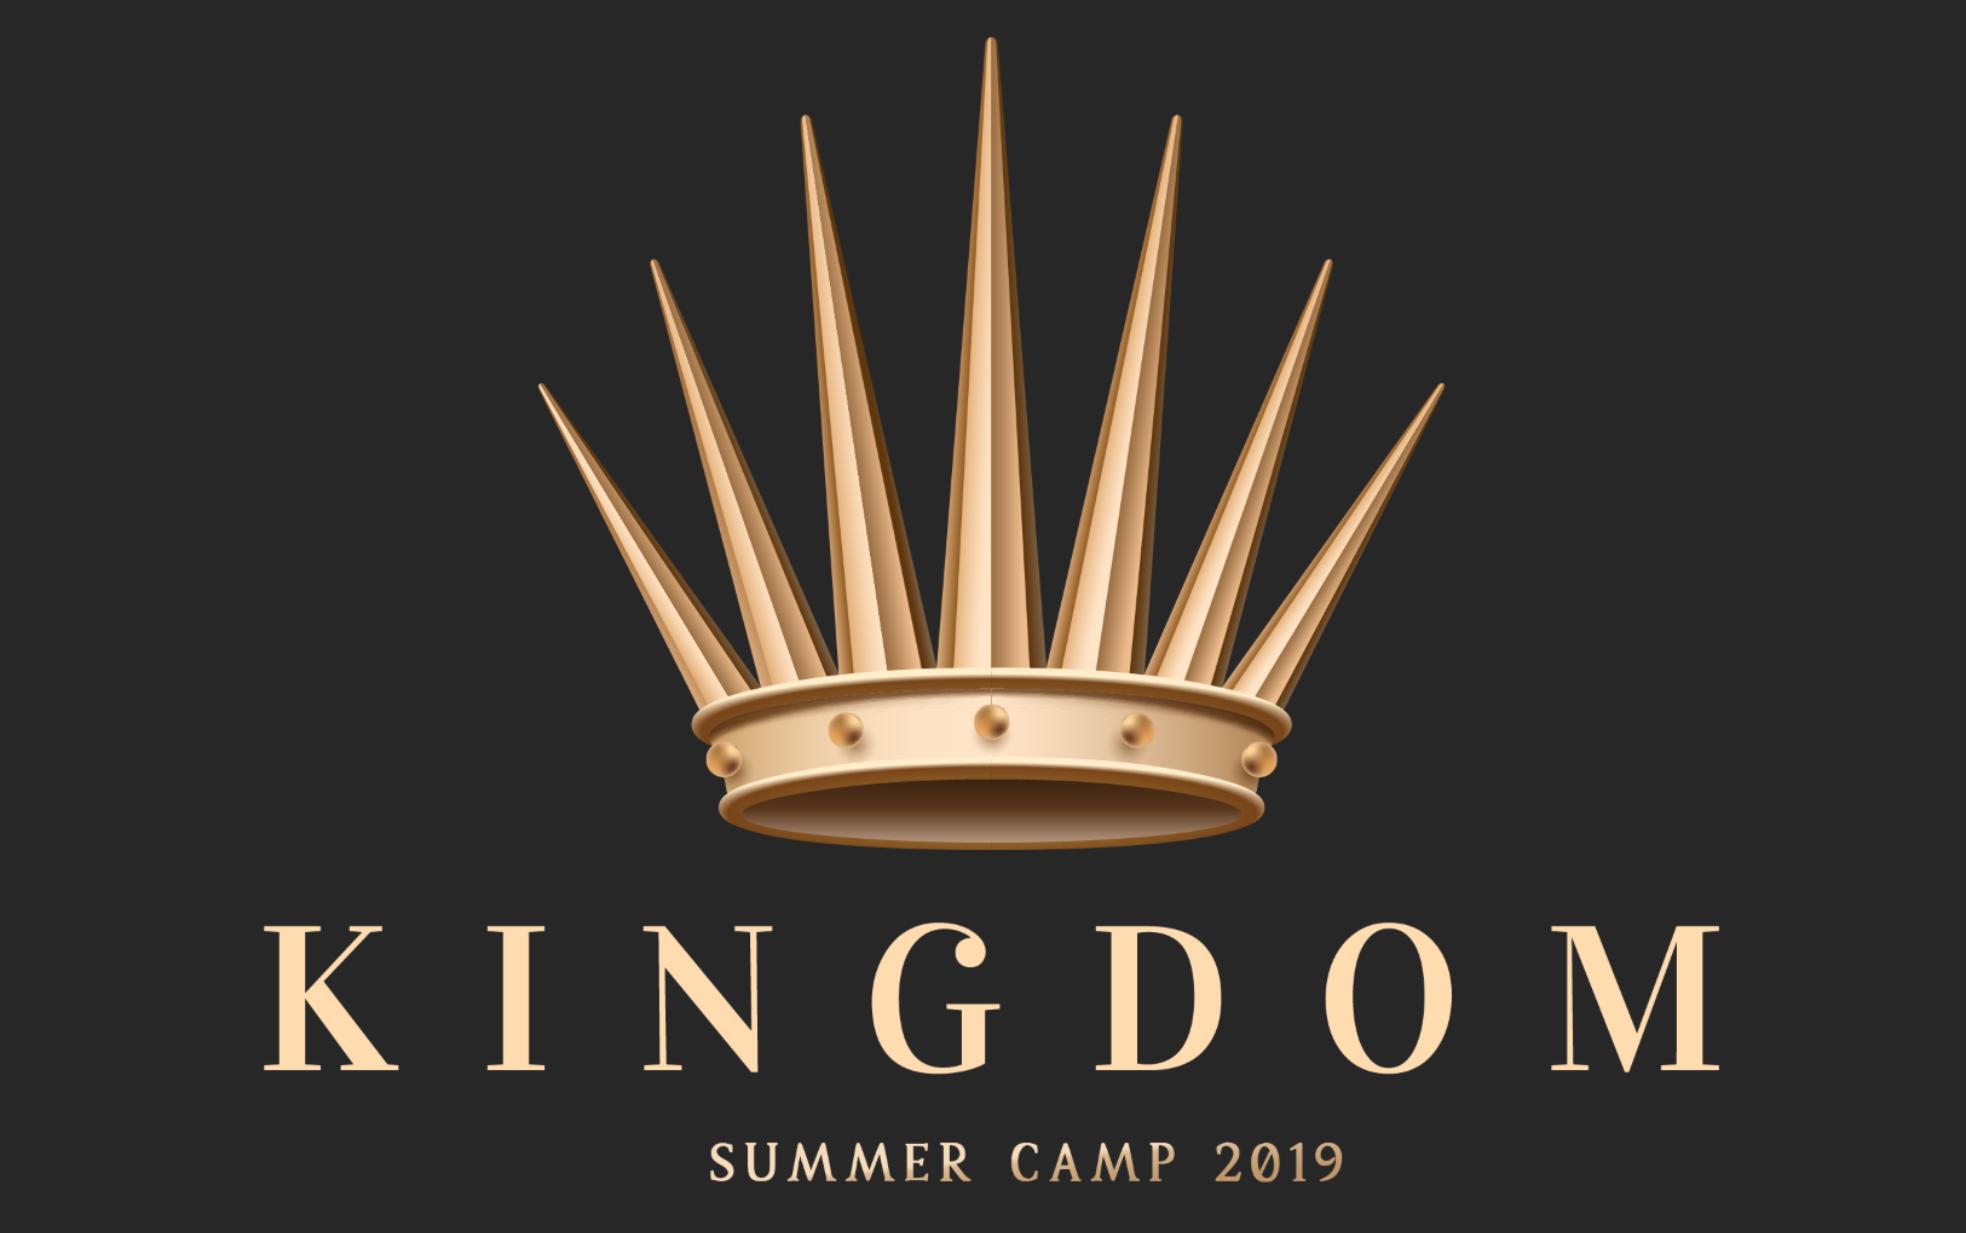 Kingdom Summer Camp 2019.png